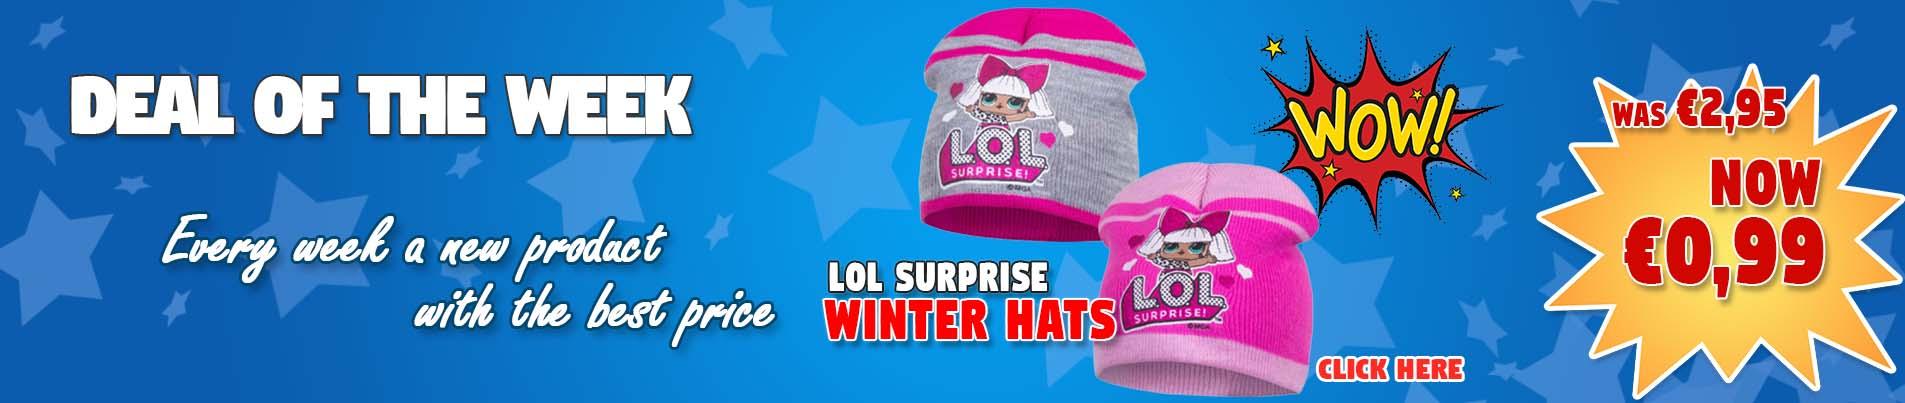 Wholesale LOL Surprise winter hats